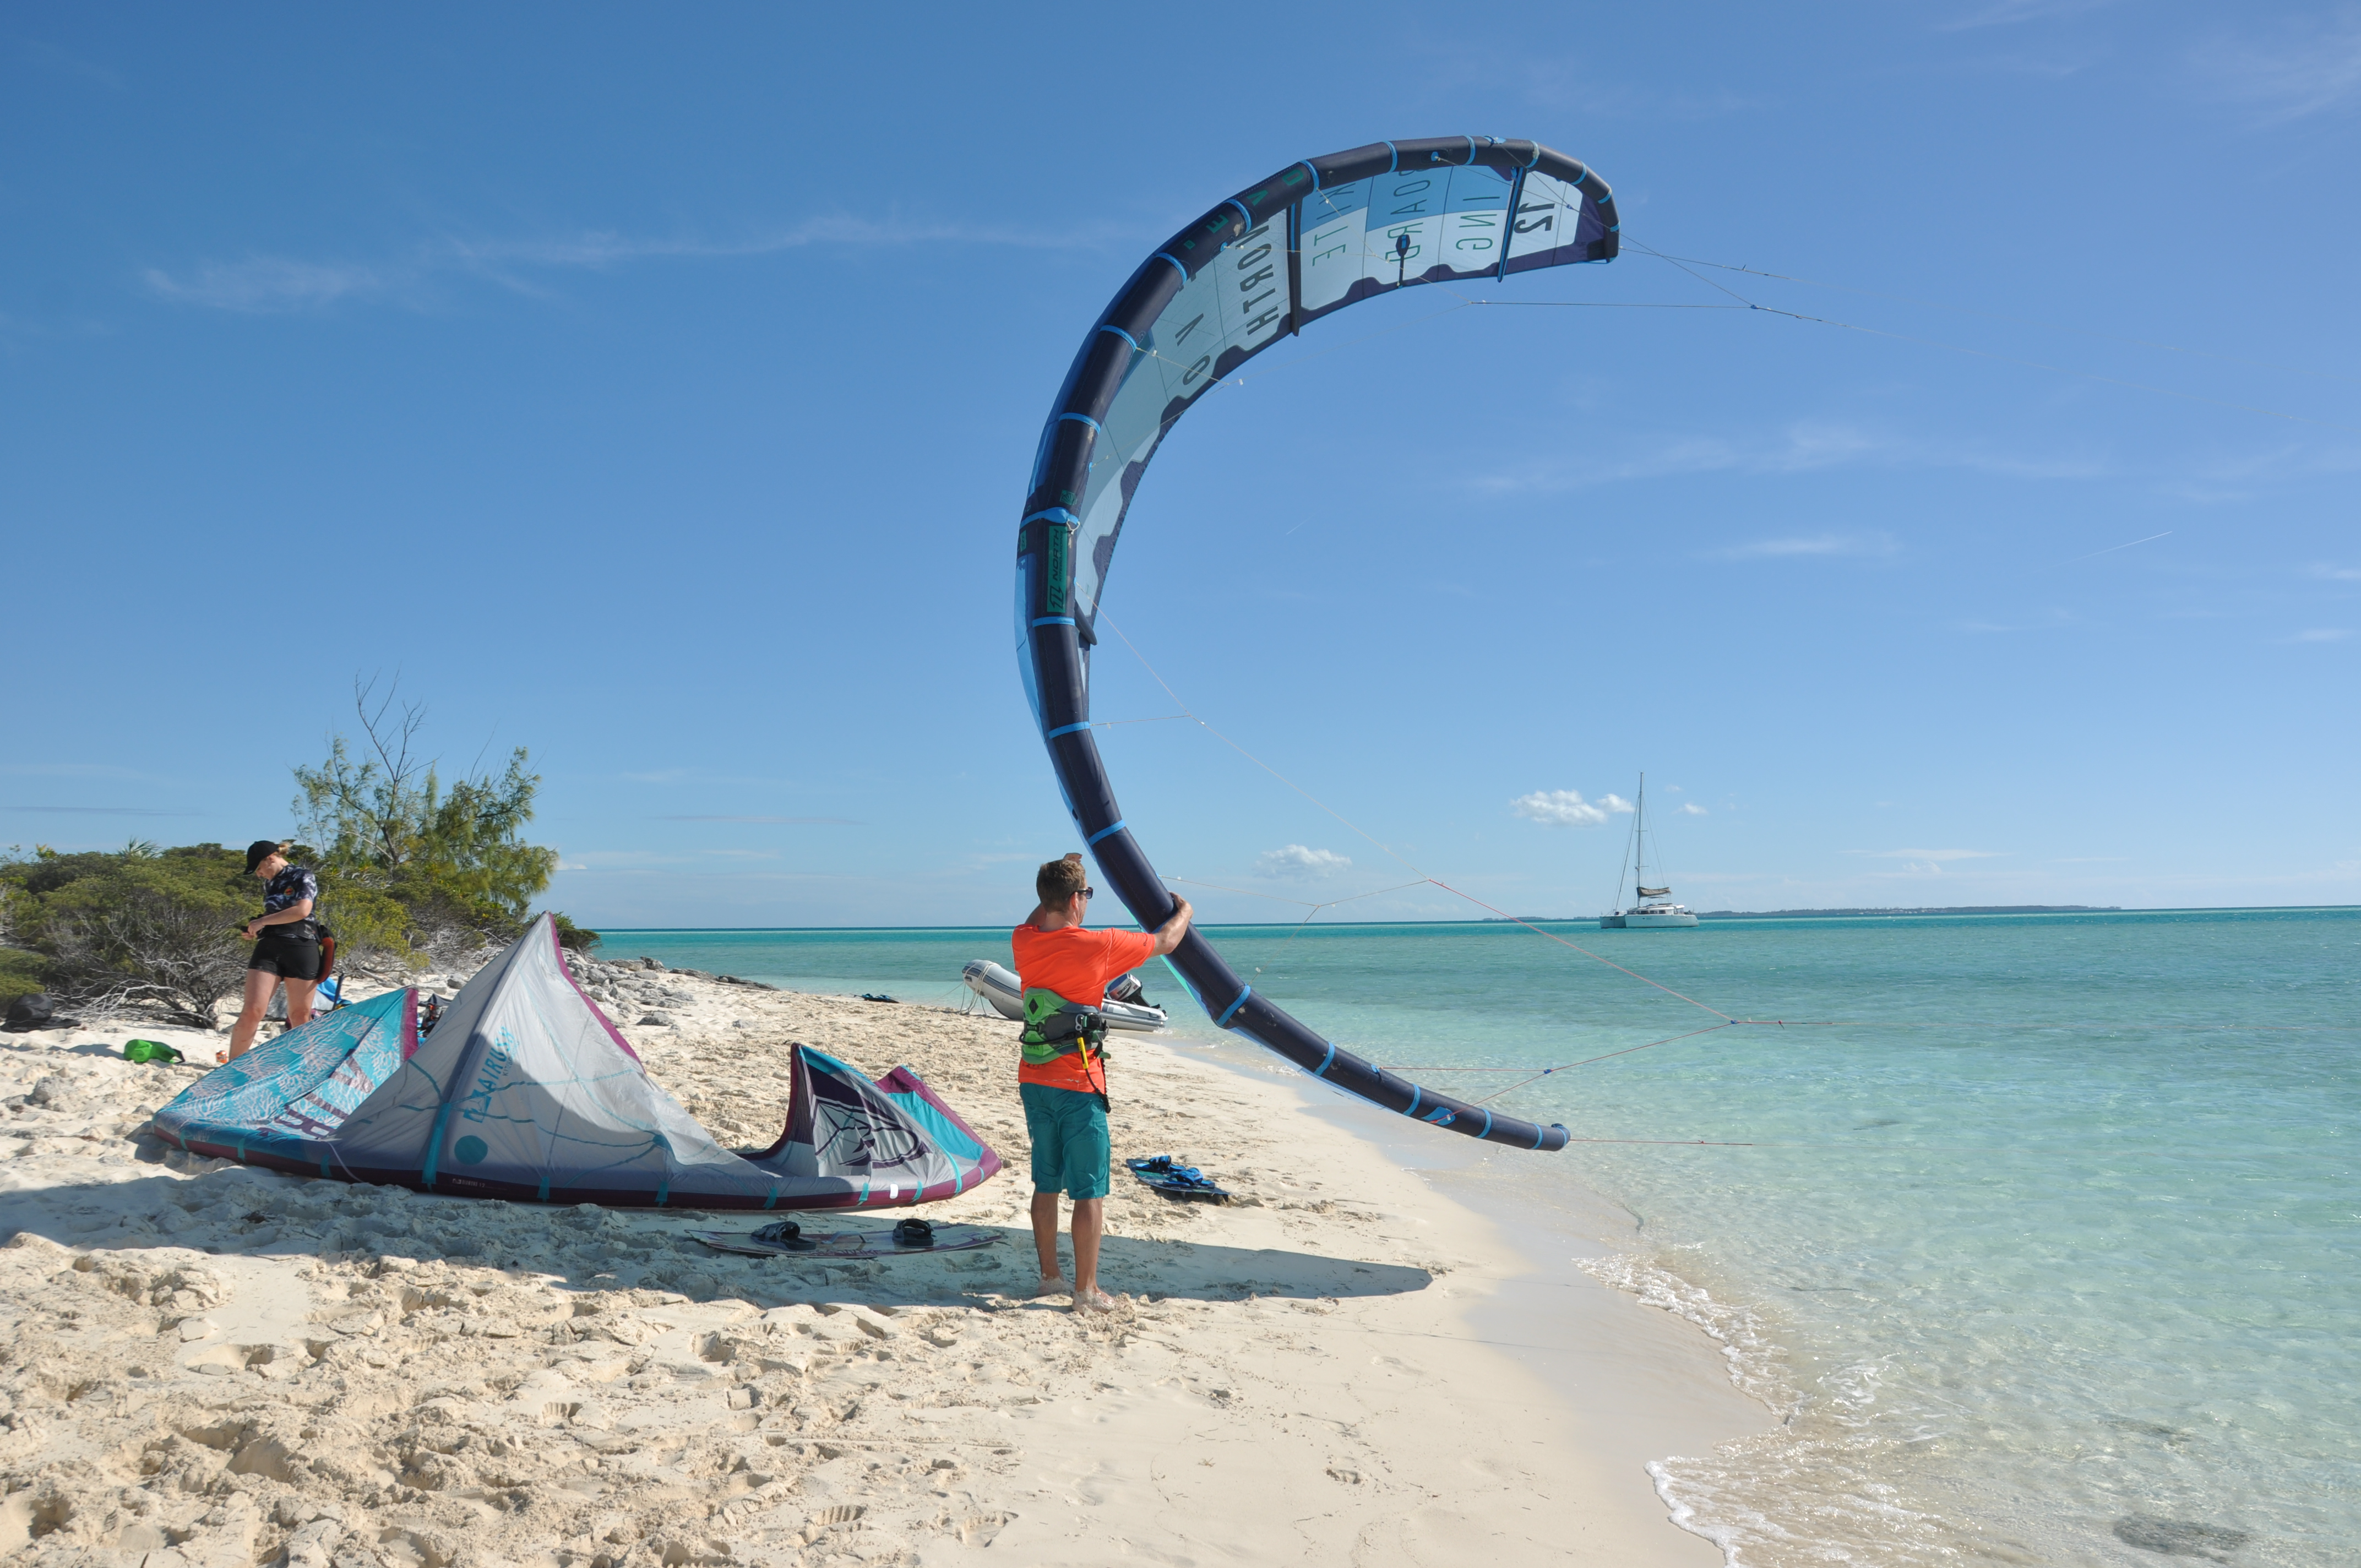 Bahamaskitecruise_19_0430